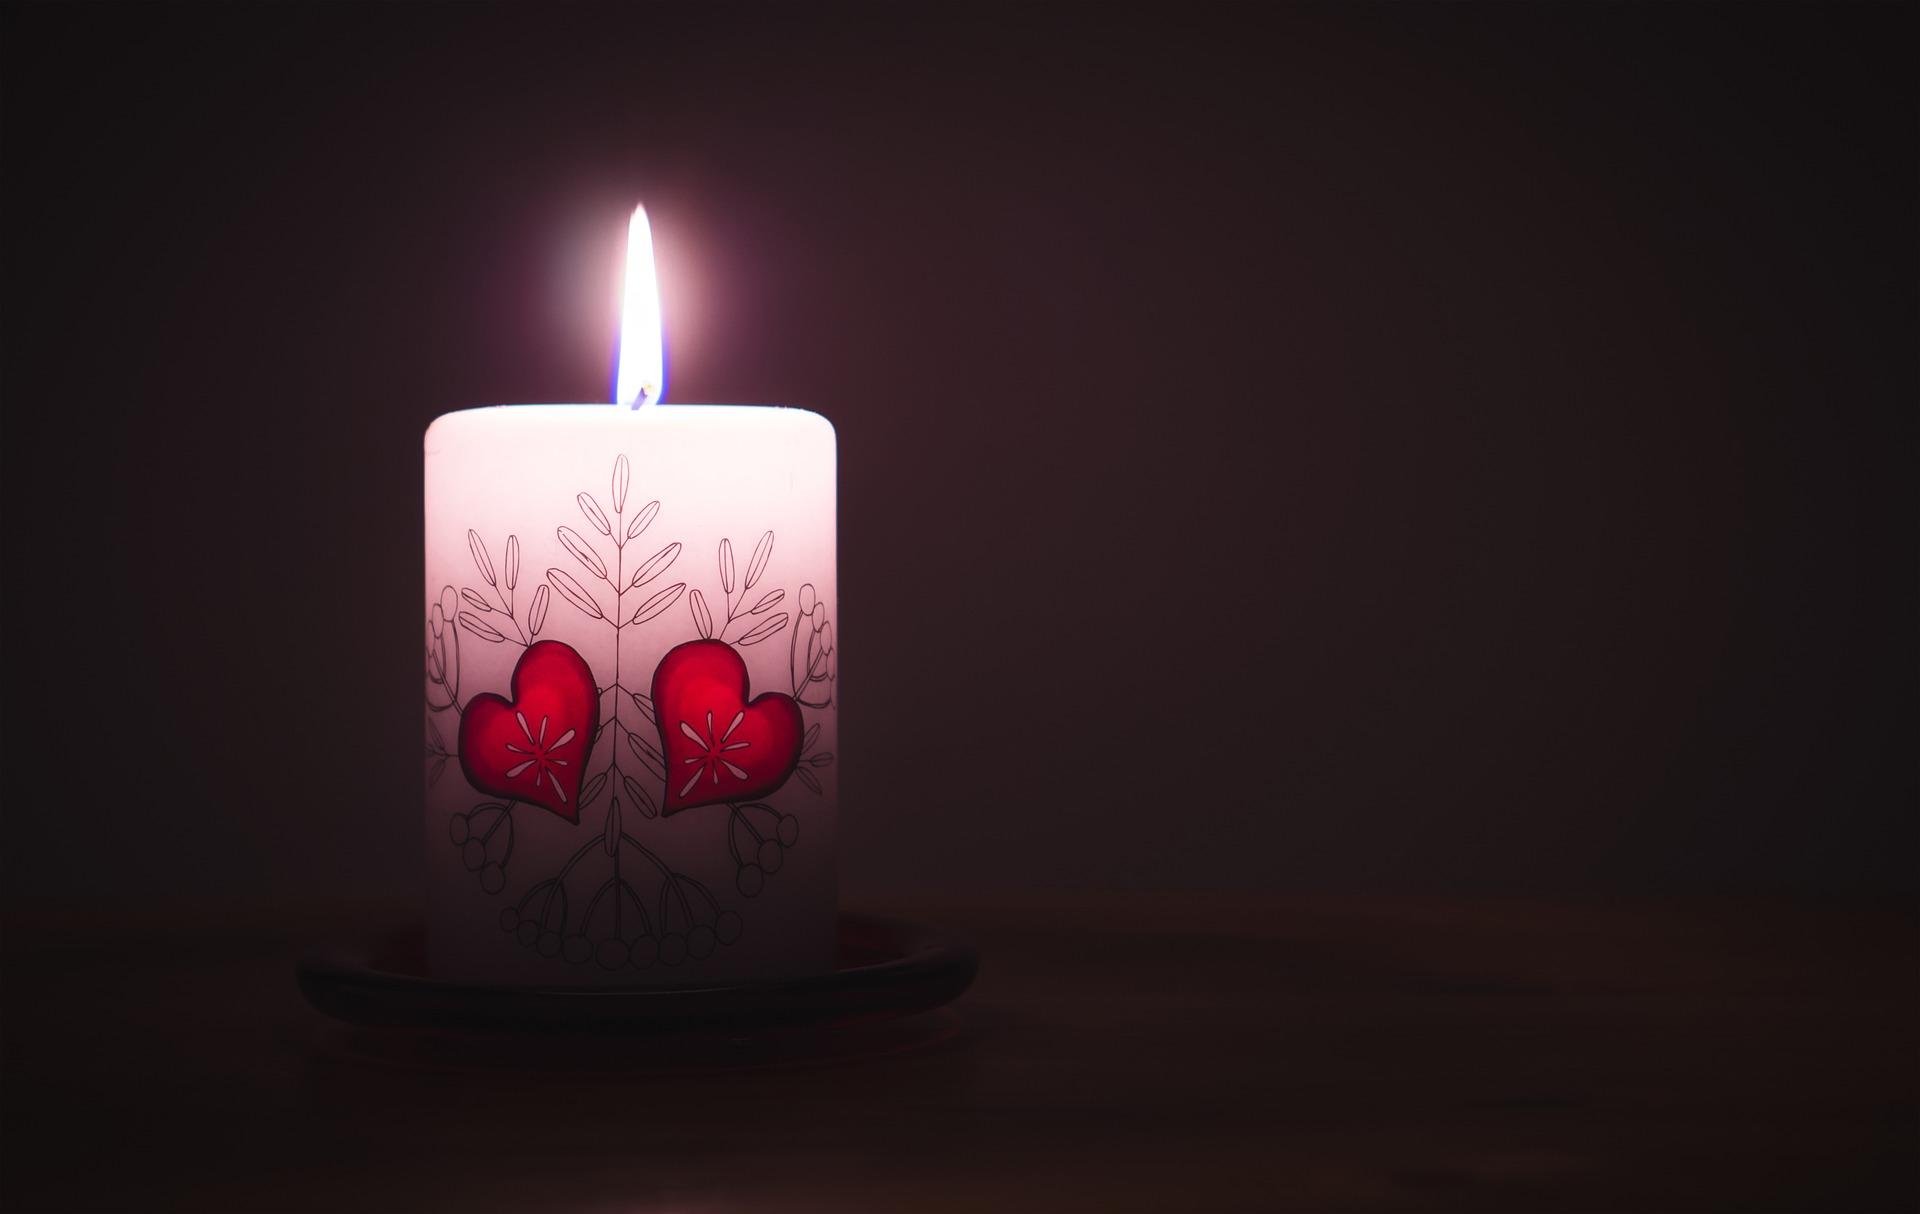 Una candela è un regalo fai da te per San Valentino che stupirebbe  il tuo partner